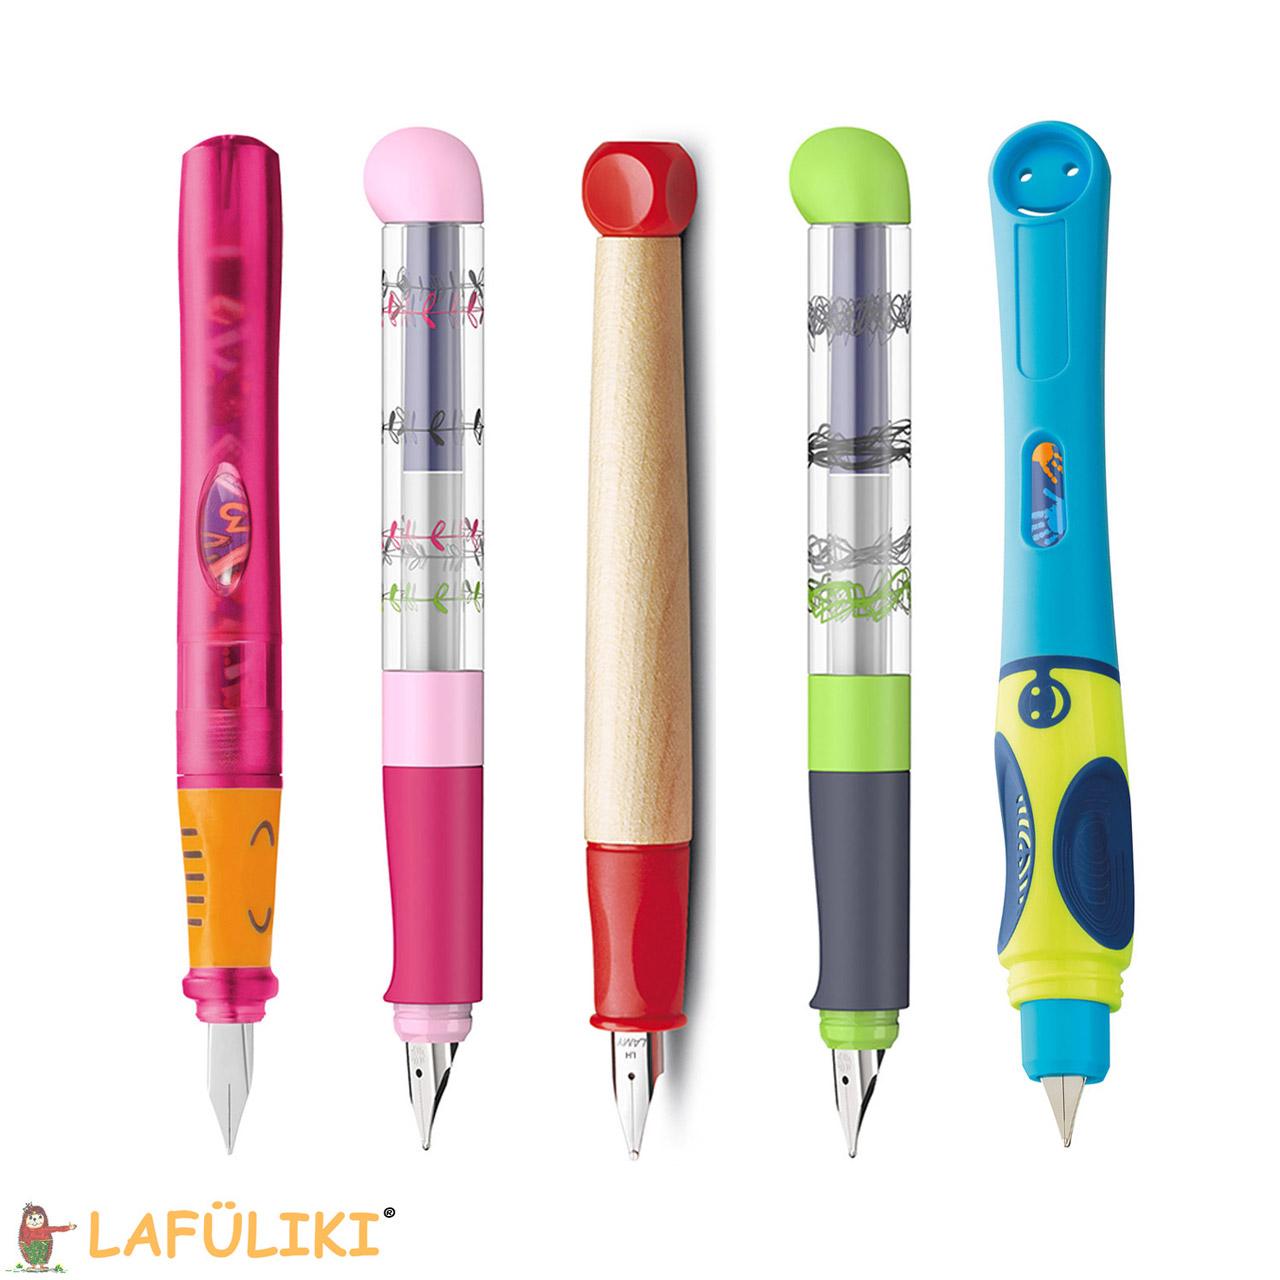 Füller Für Anfänger